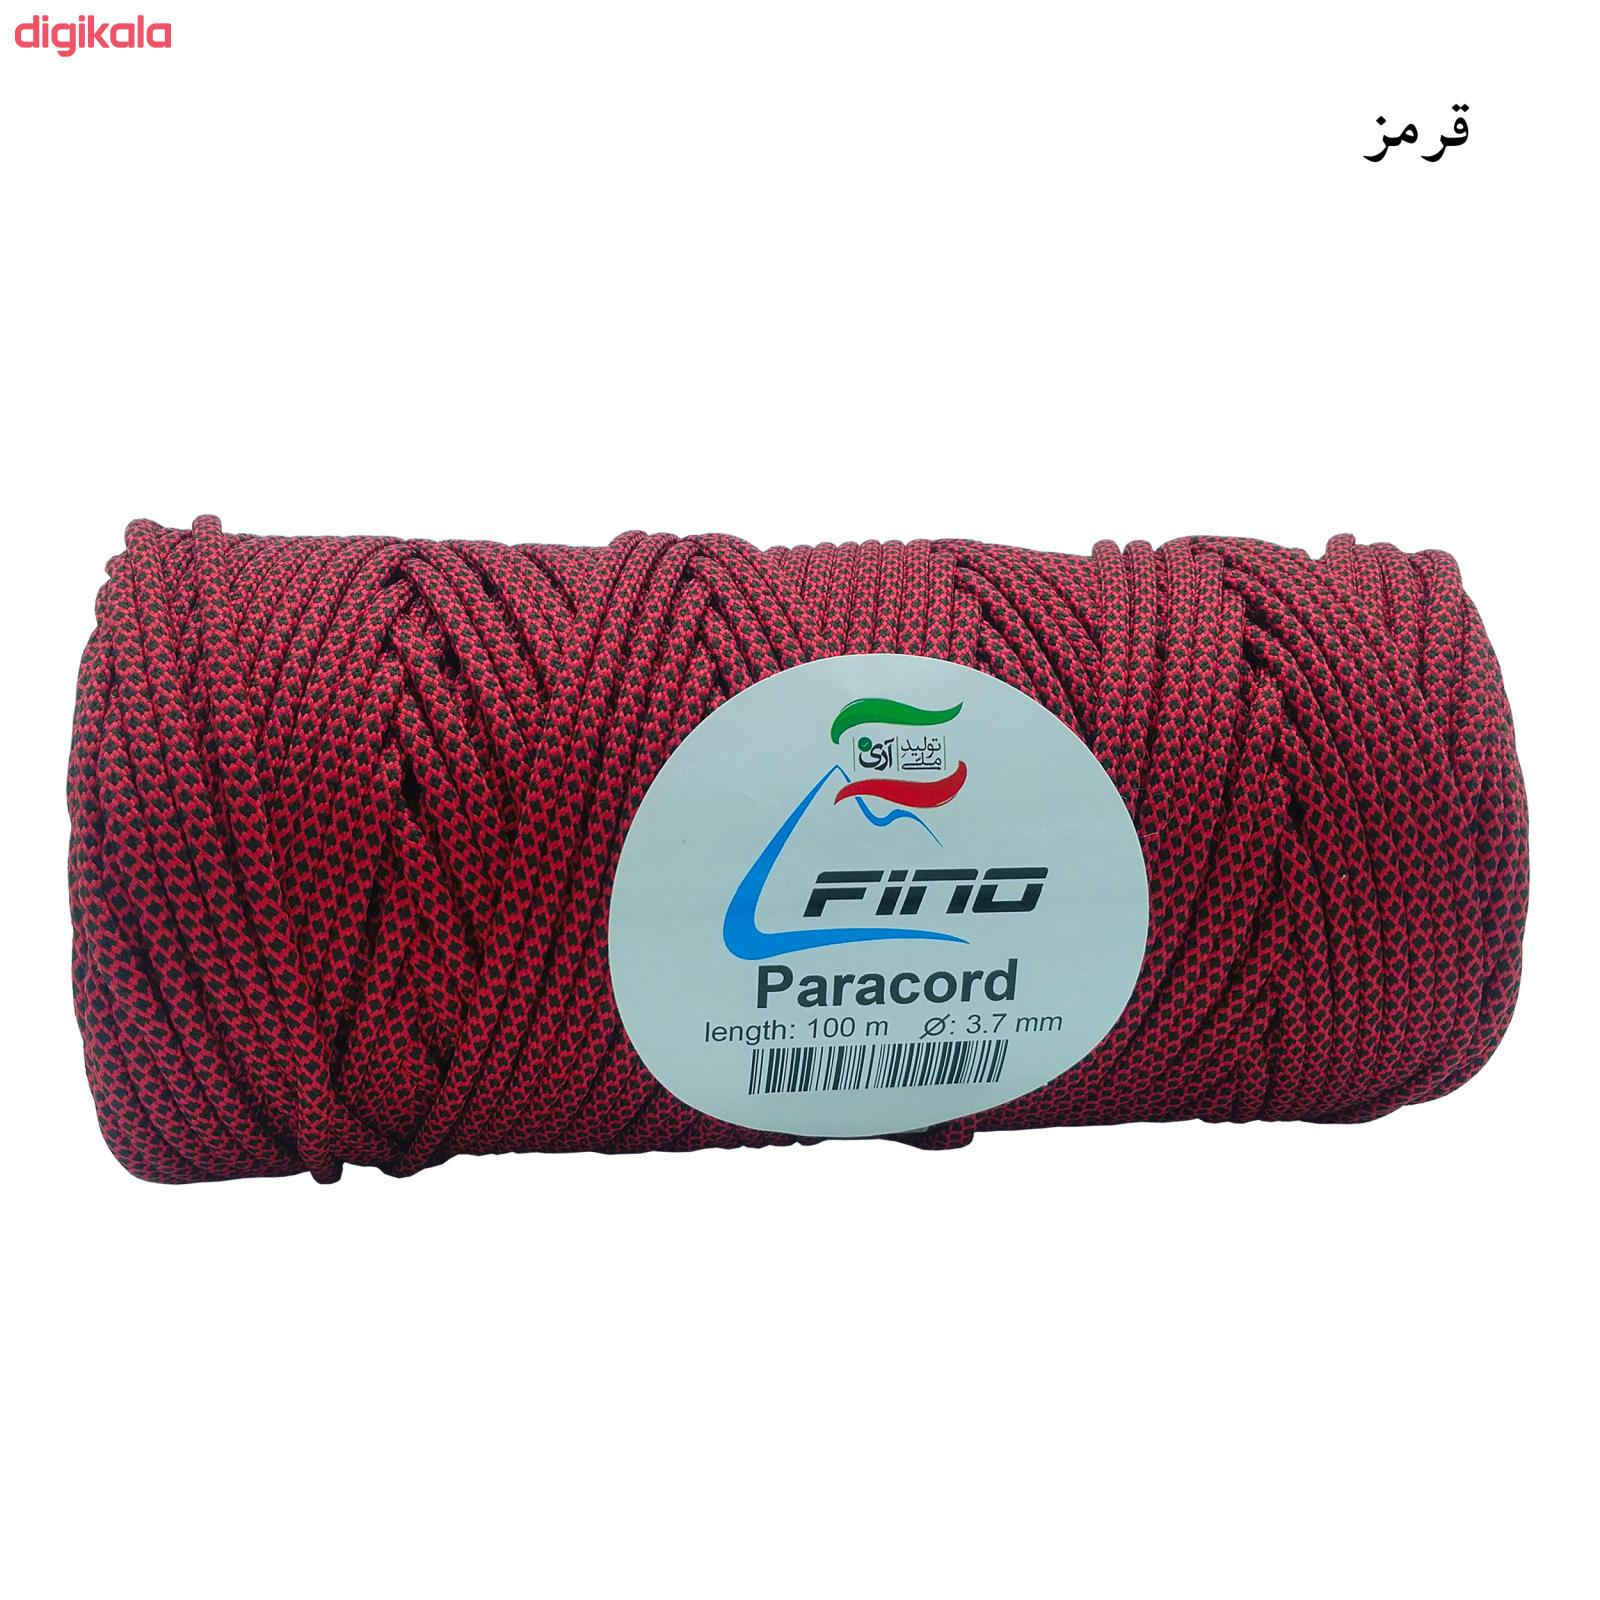 طناب پاراکورد 100 متری فینو مدل BEX-1